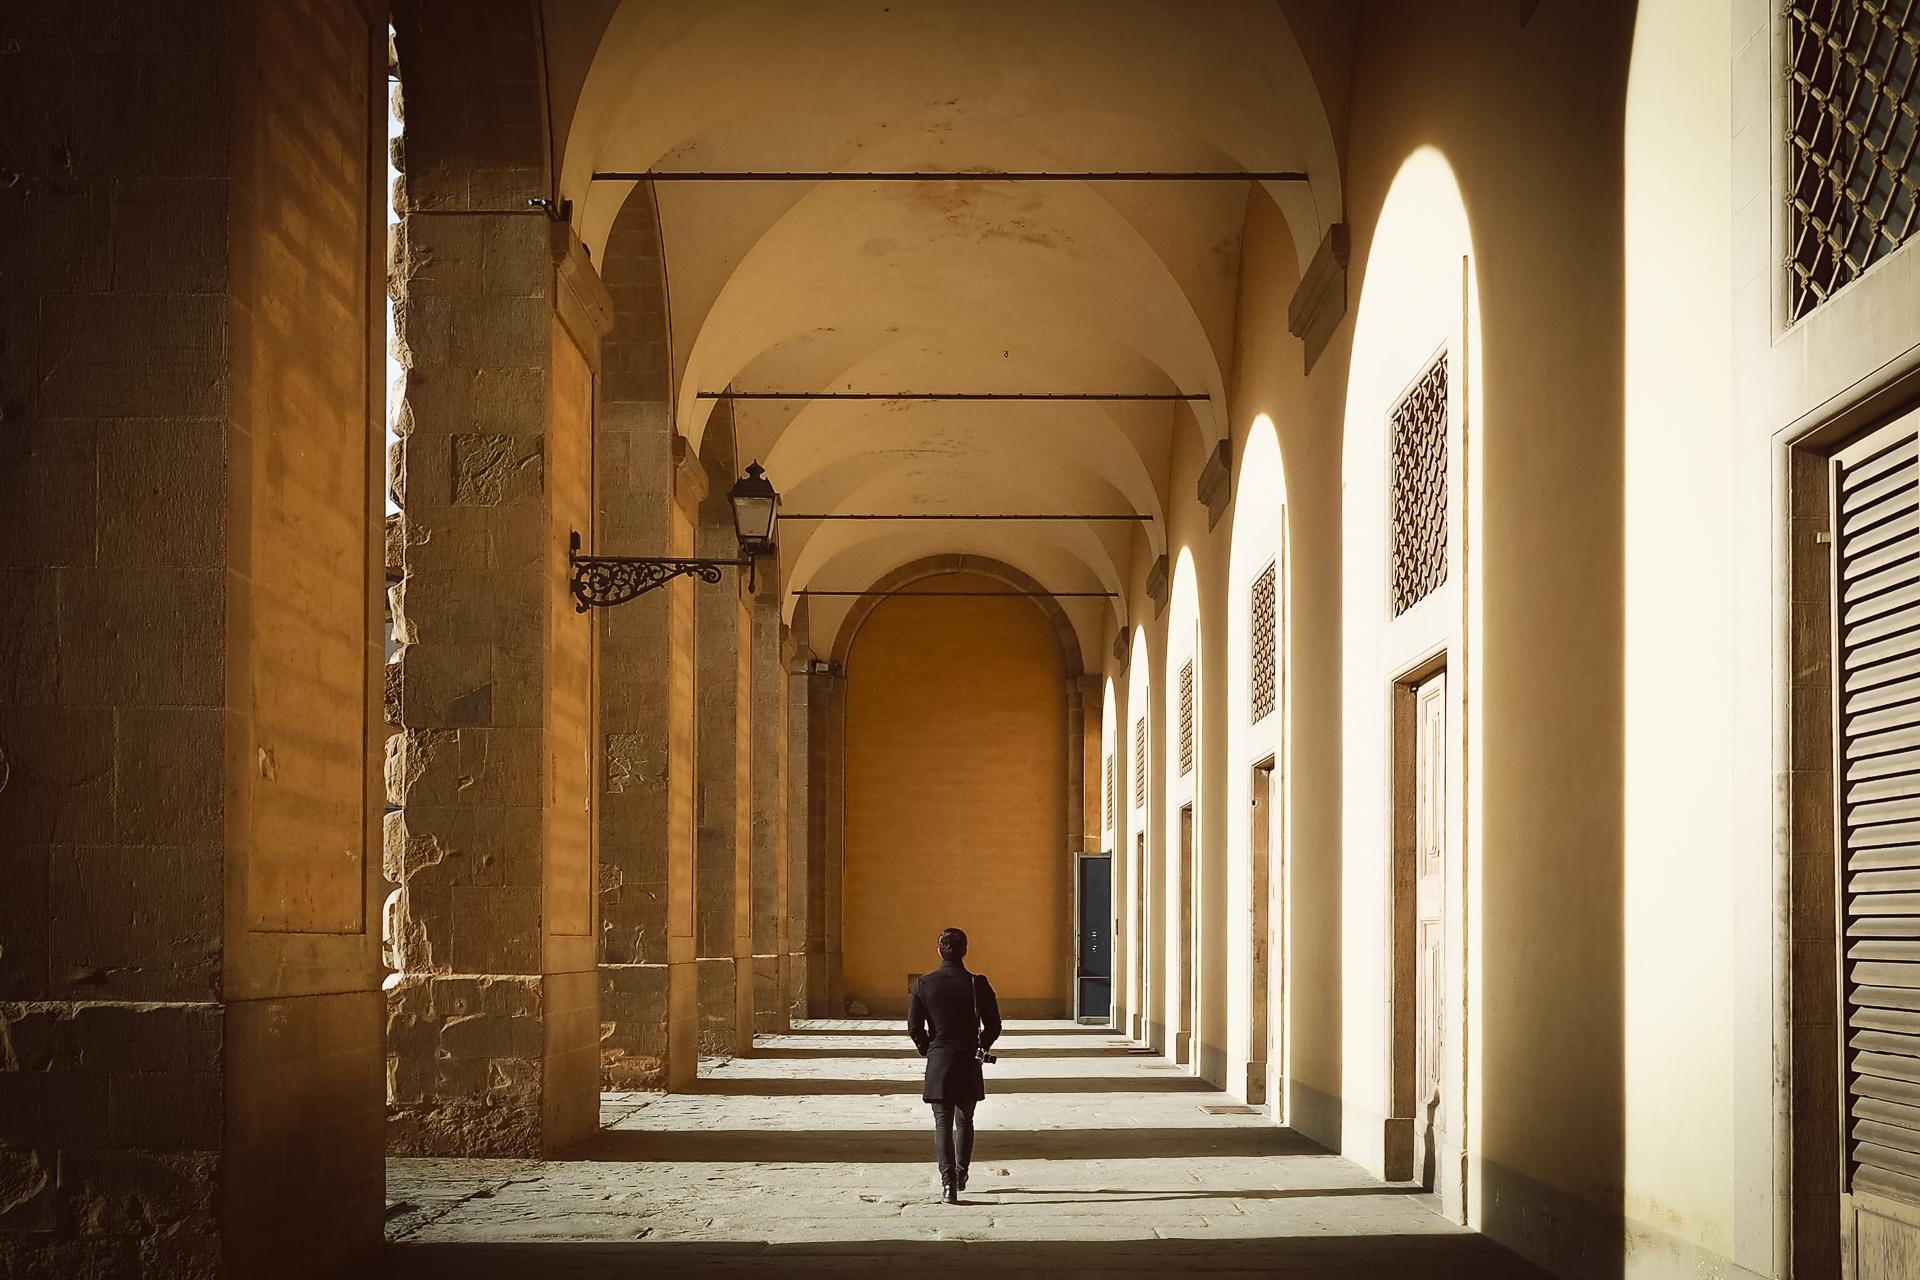 Palazzo Pitti, Italy, Italia, Firenze, Tuscany, Toscana